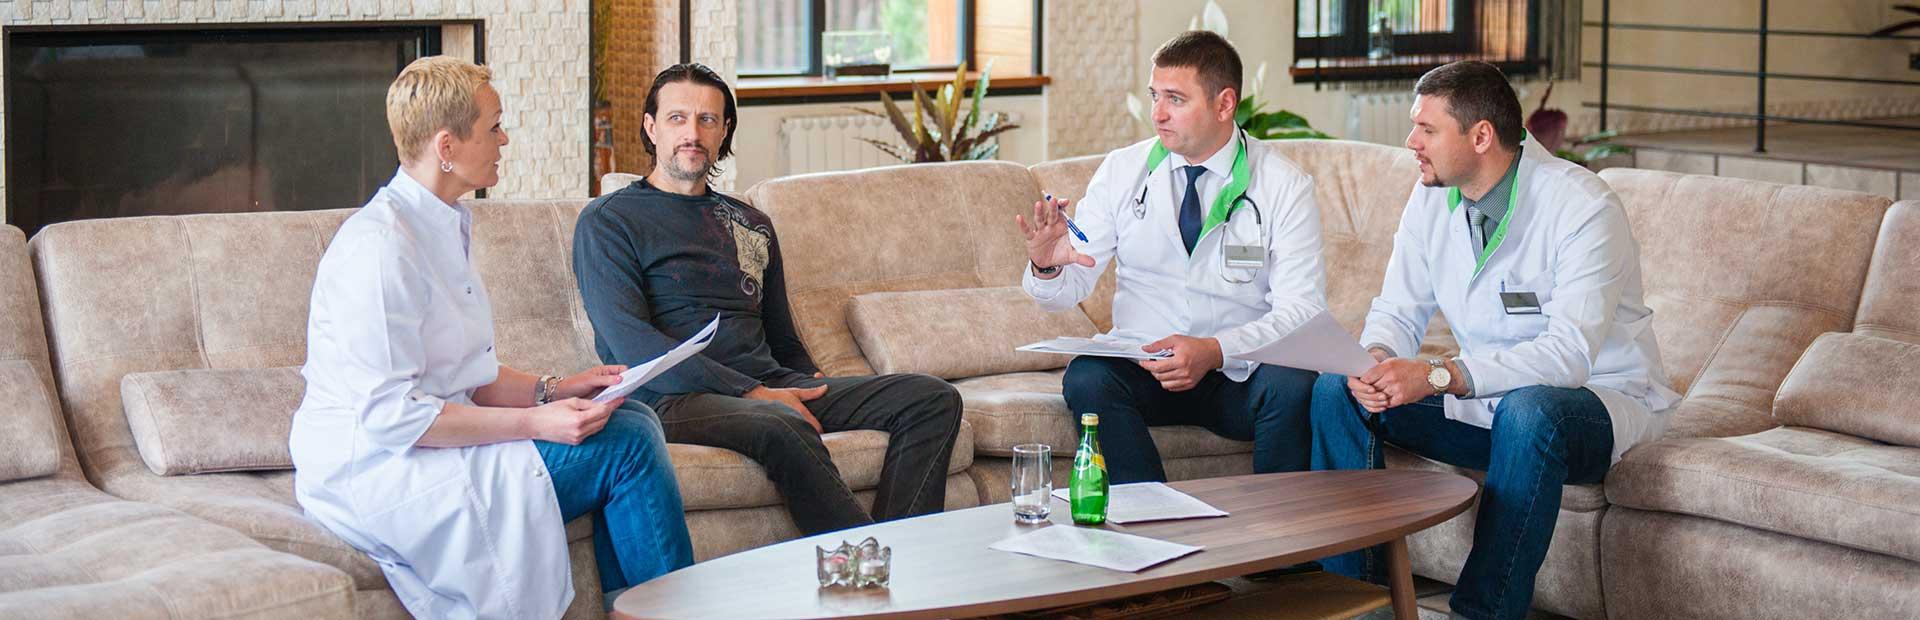 Клиника маршака наркологическая клиника цены смотреть фильм теория запоя